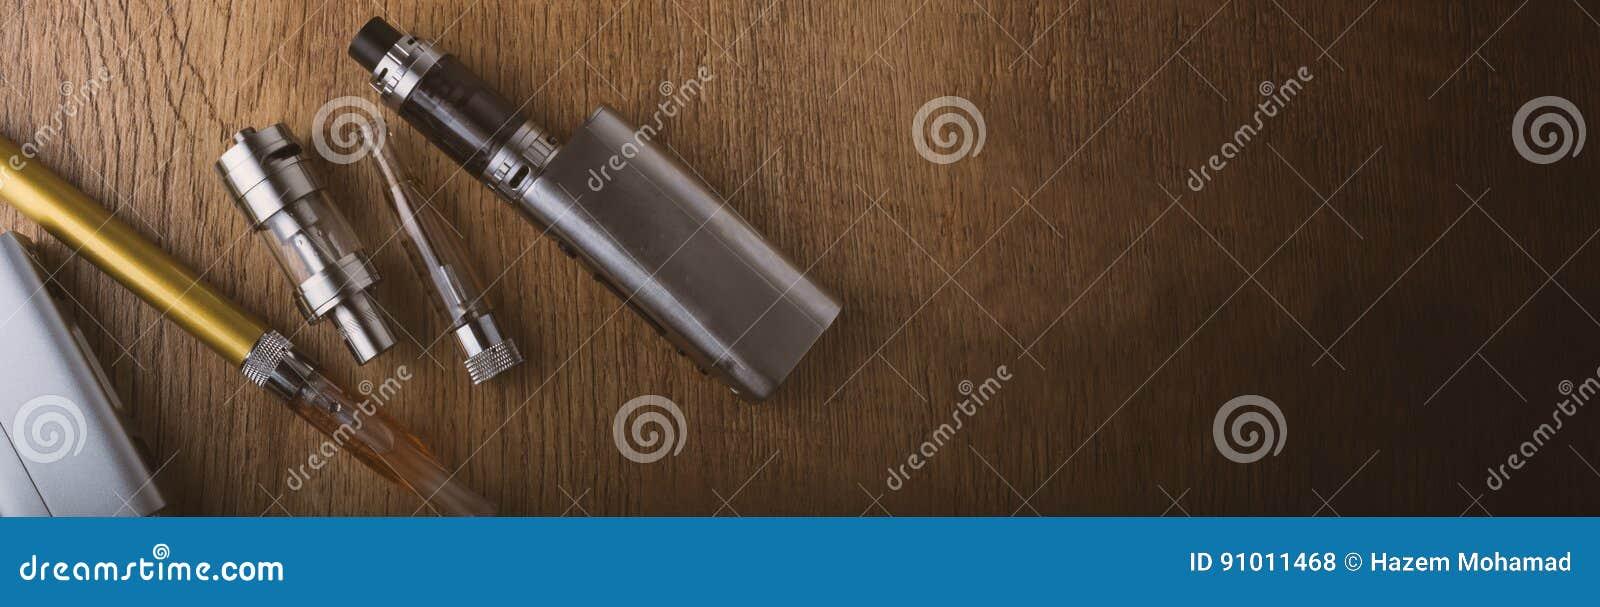 Vapepen en vaping apparaten, mods, verstuivers, e cig, e-sigaret